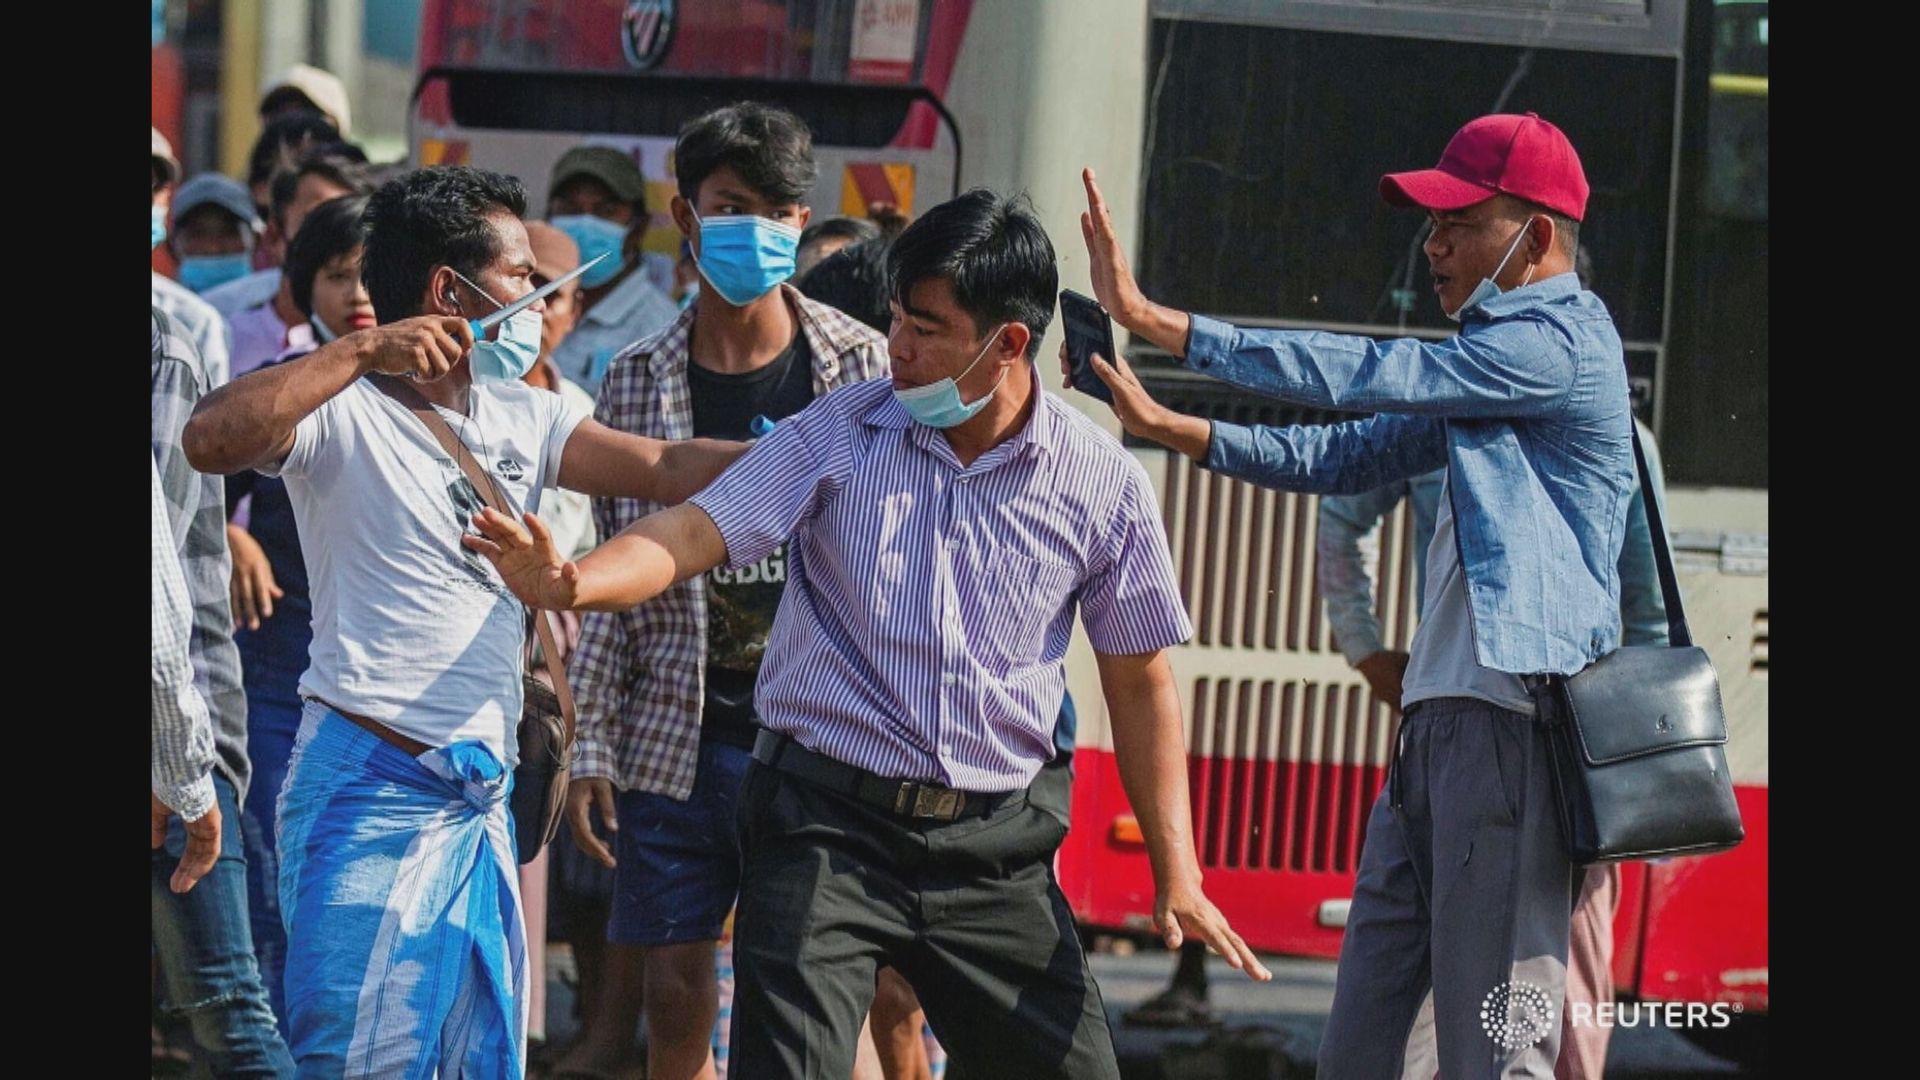 緬甸反對軍事政變示威持續 仰光有示威者遭到軍方支持者襲擊